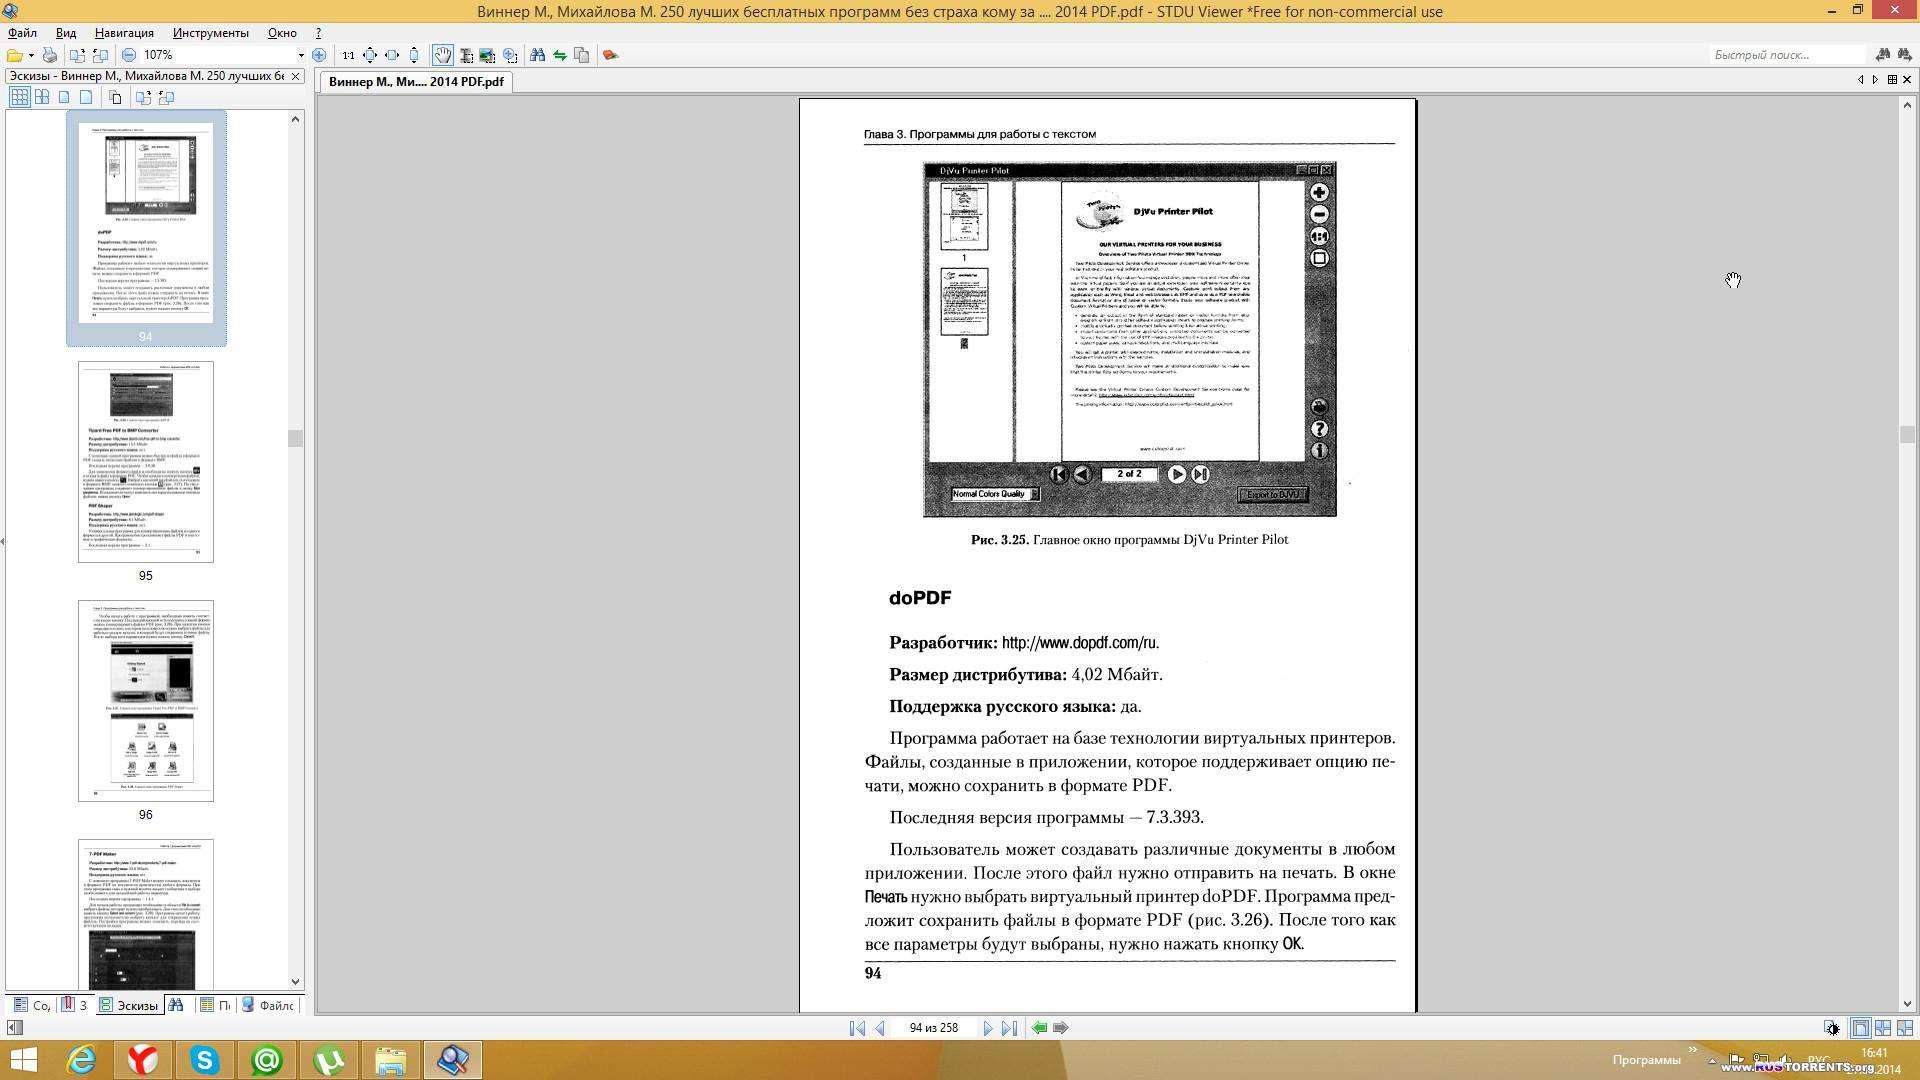 250 лучших бесплатных программ без страха кому за ... | PDF